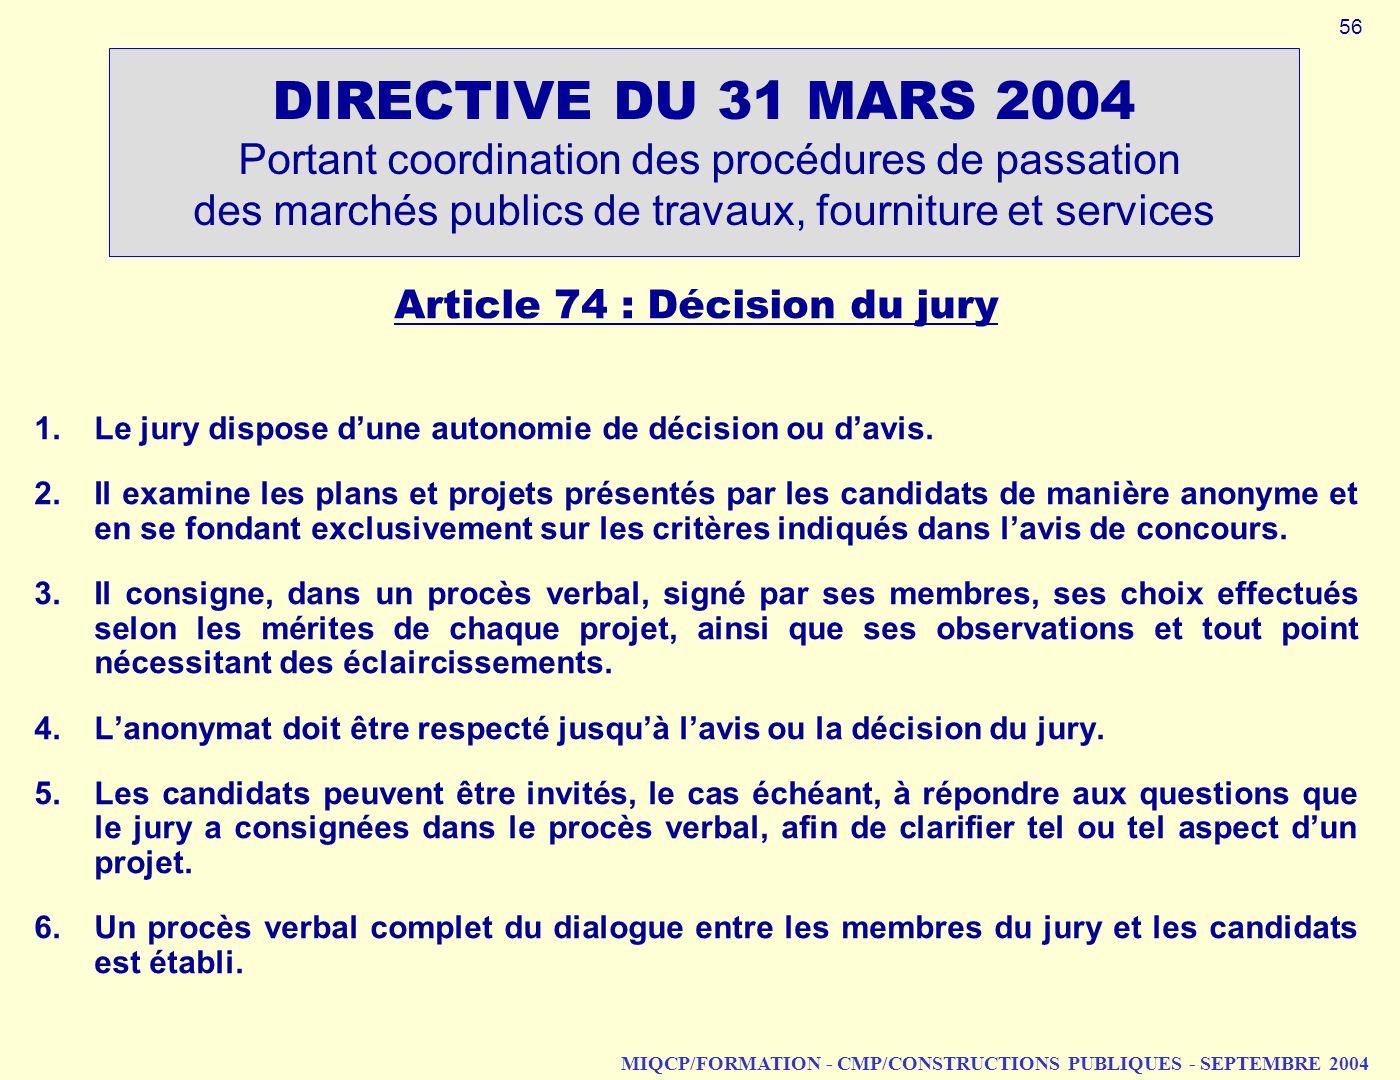 MIQCP/FORMATION - CMP/CONSTRUCTIONS PUBLIQUES - SEPTEMBRE 2004 DIRECTIVE DU 31 MARS 2004 Portant coordination des procédures de passation des marchés